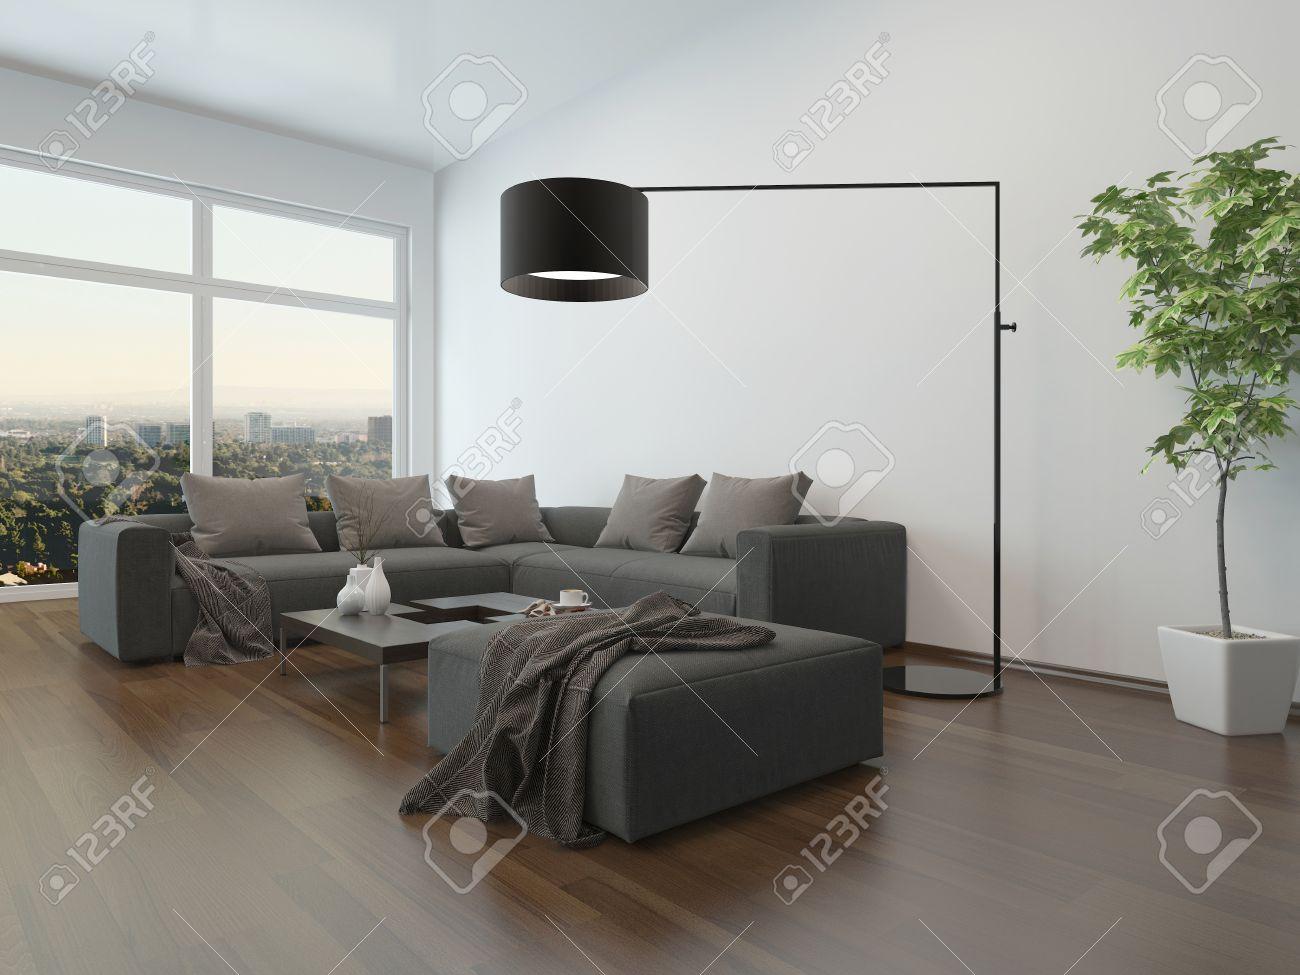 De Chambre Intérieur GrisTable Basse La Et Avec Lampe Un Vivre Canapé Sol BerCxoWdEQ